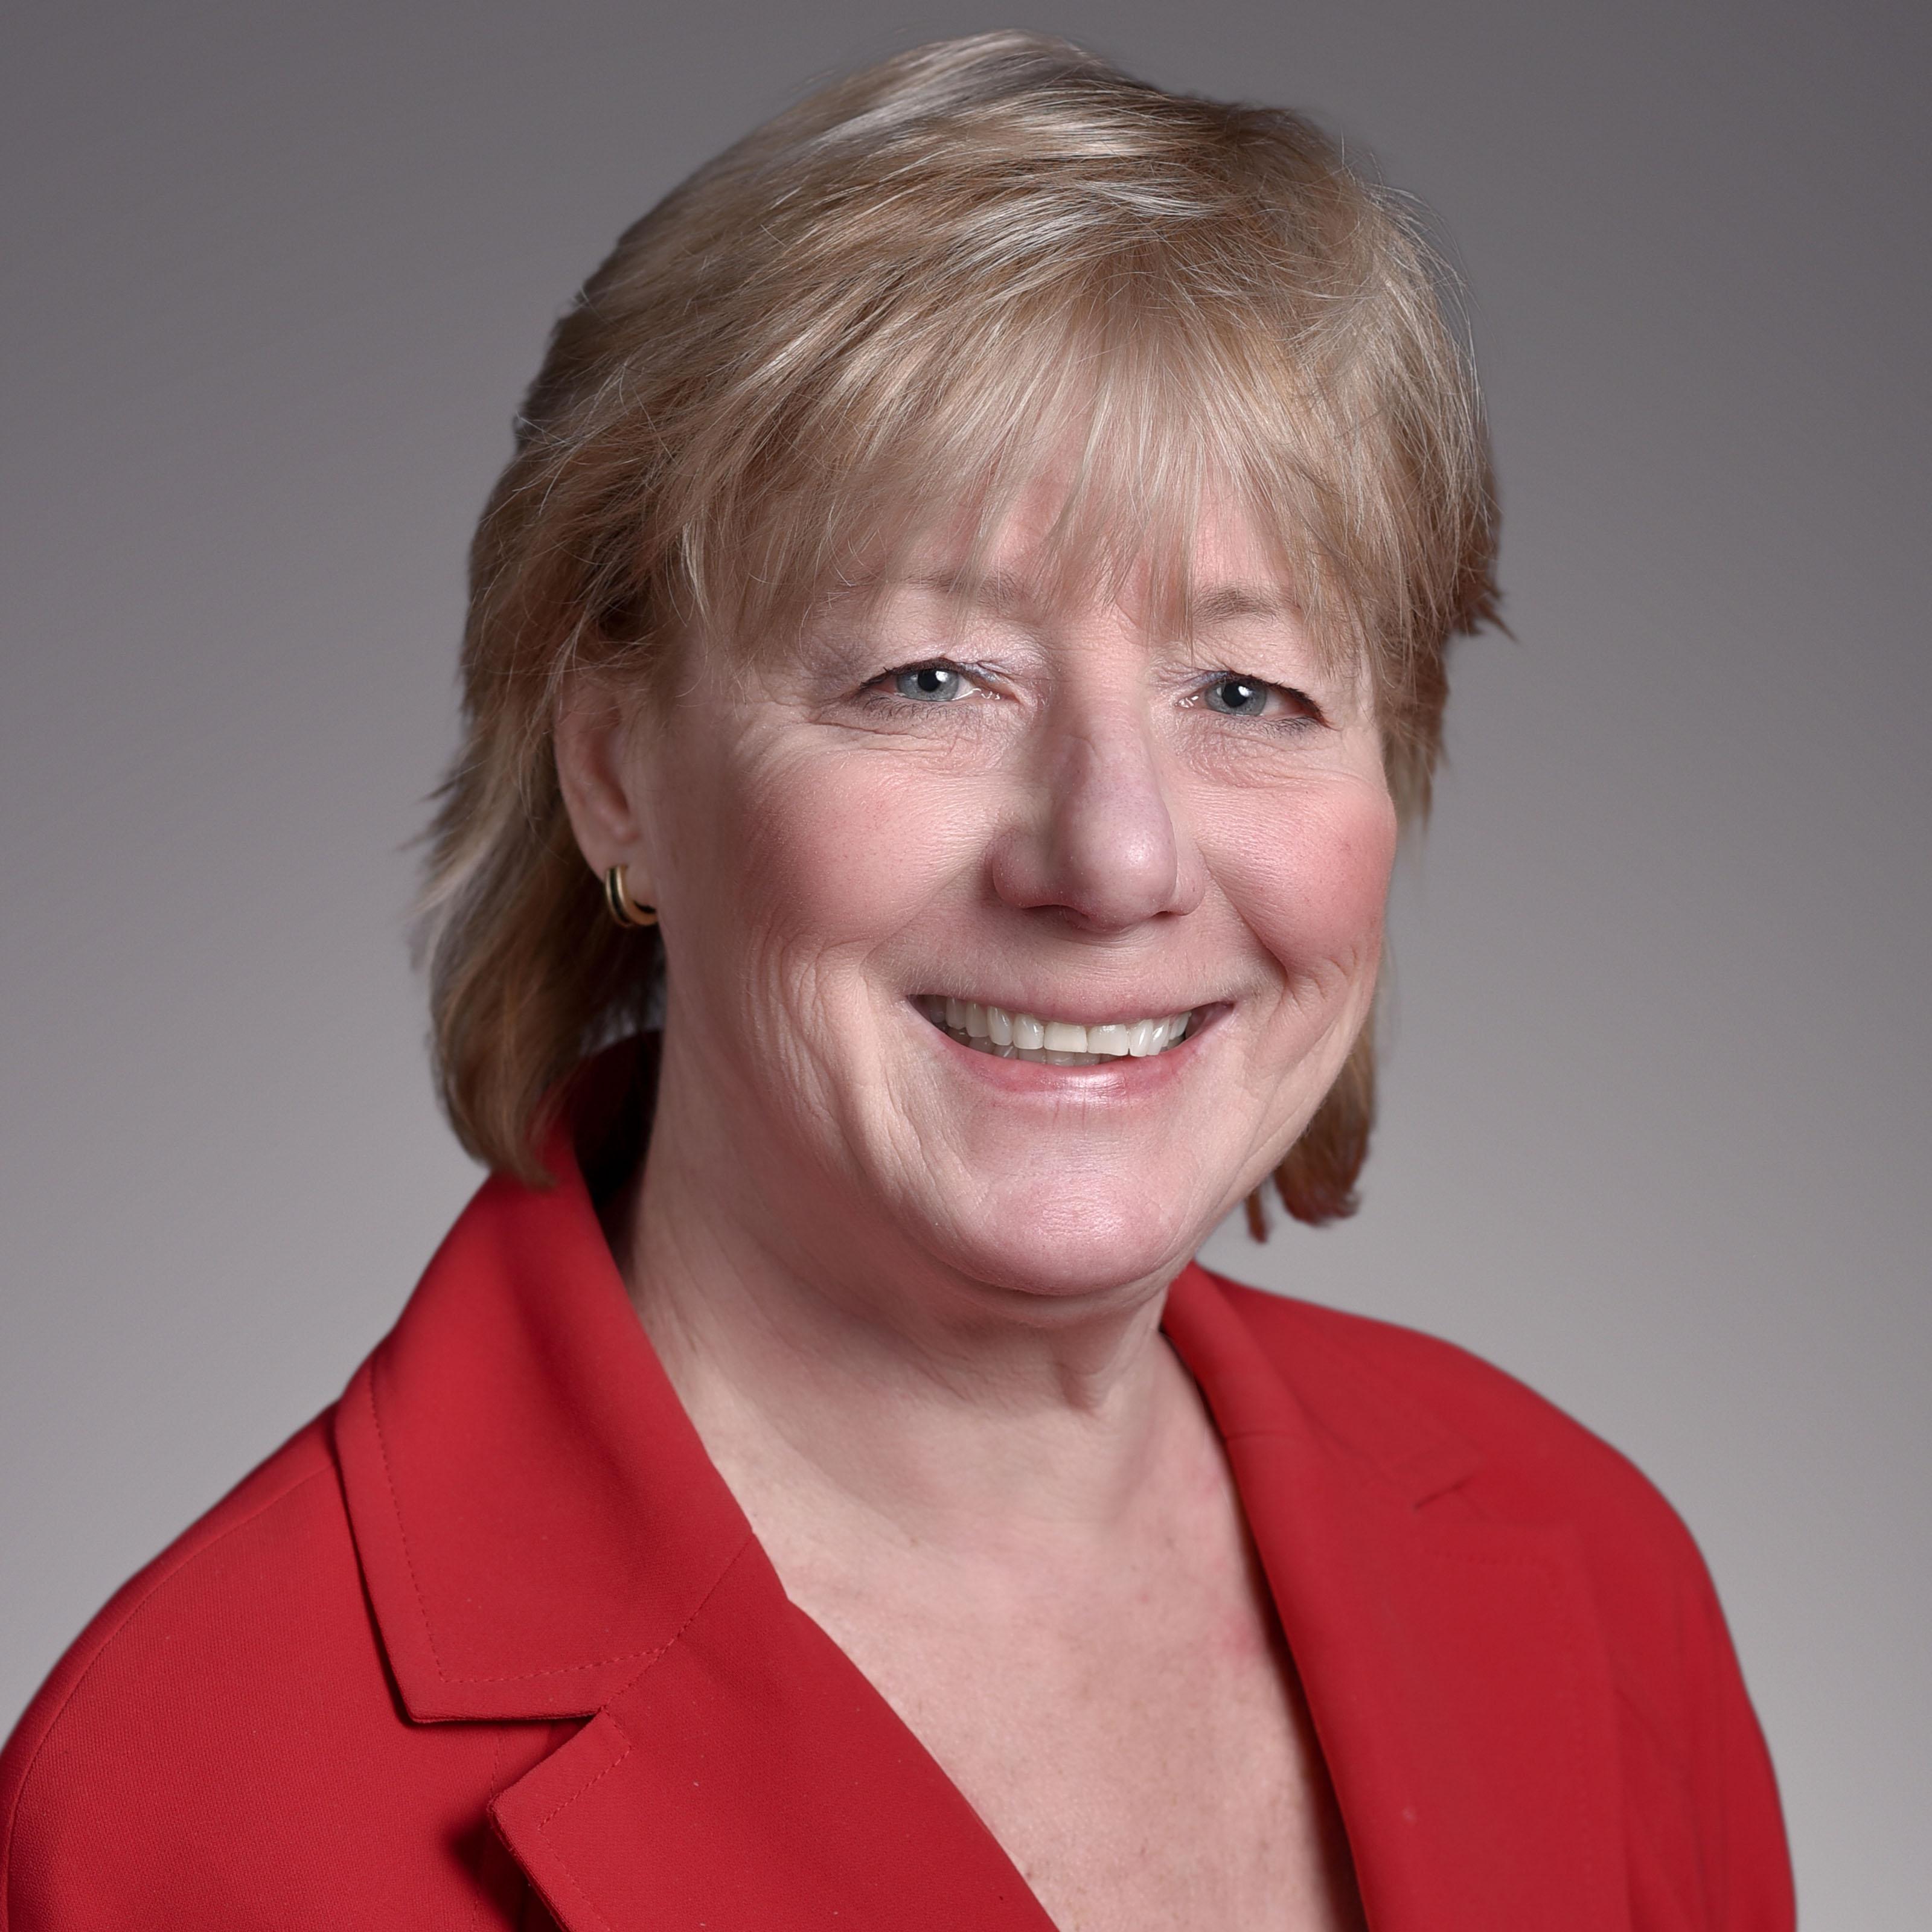 Patricia L. Guiry